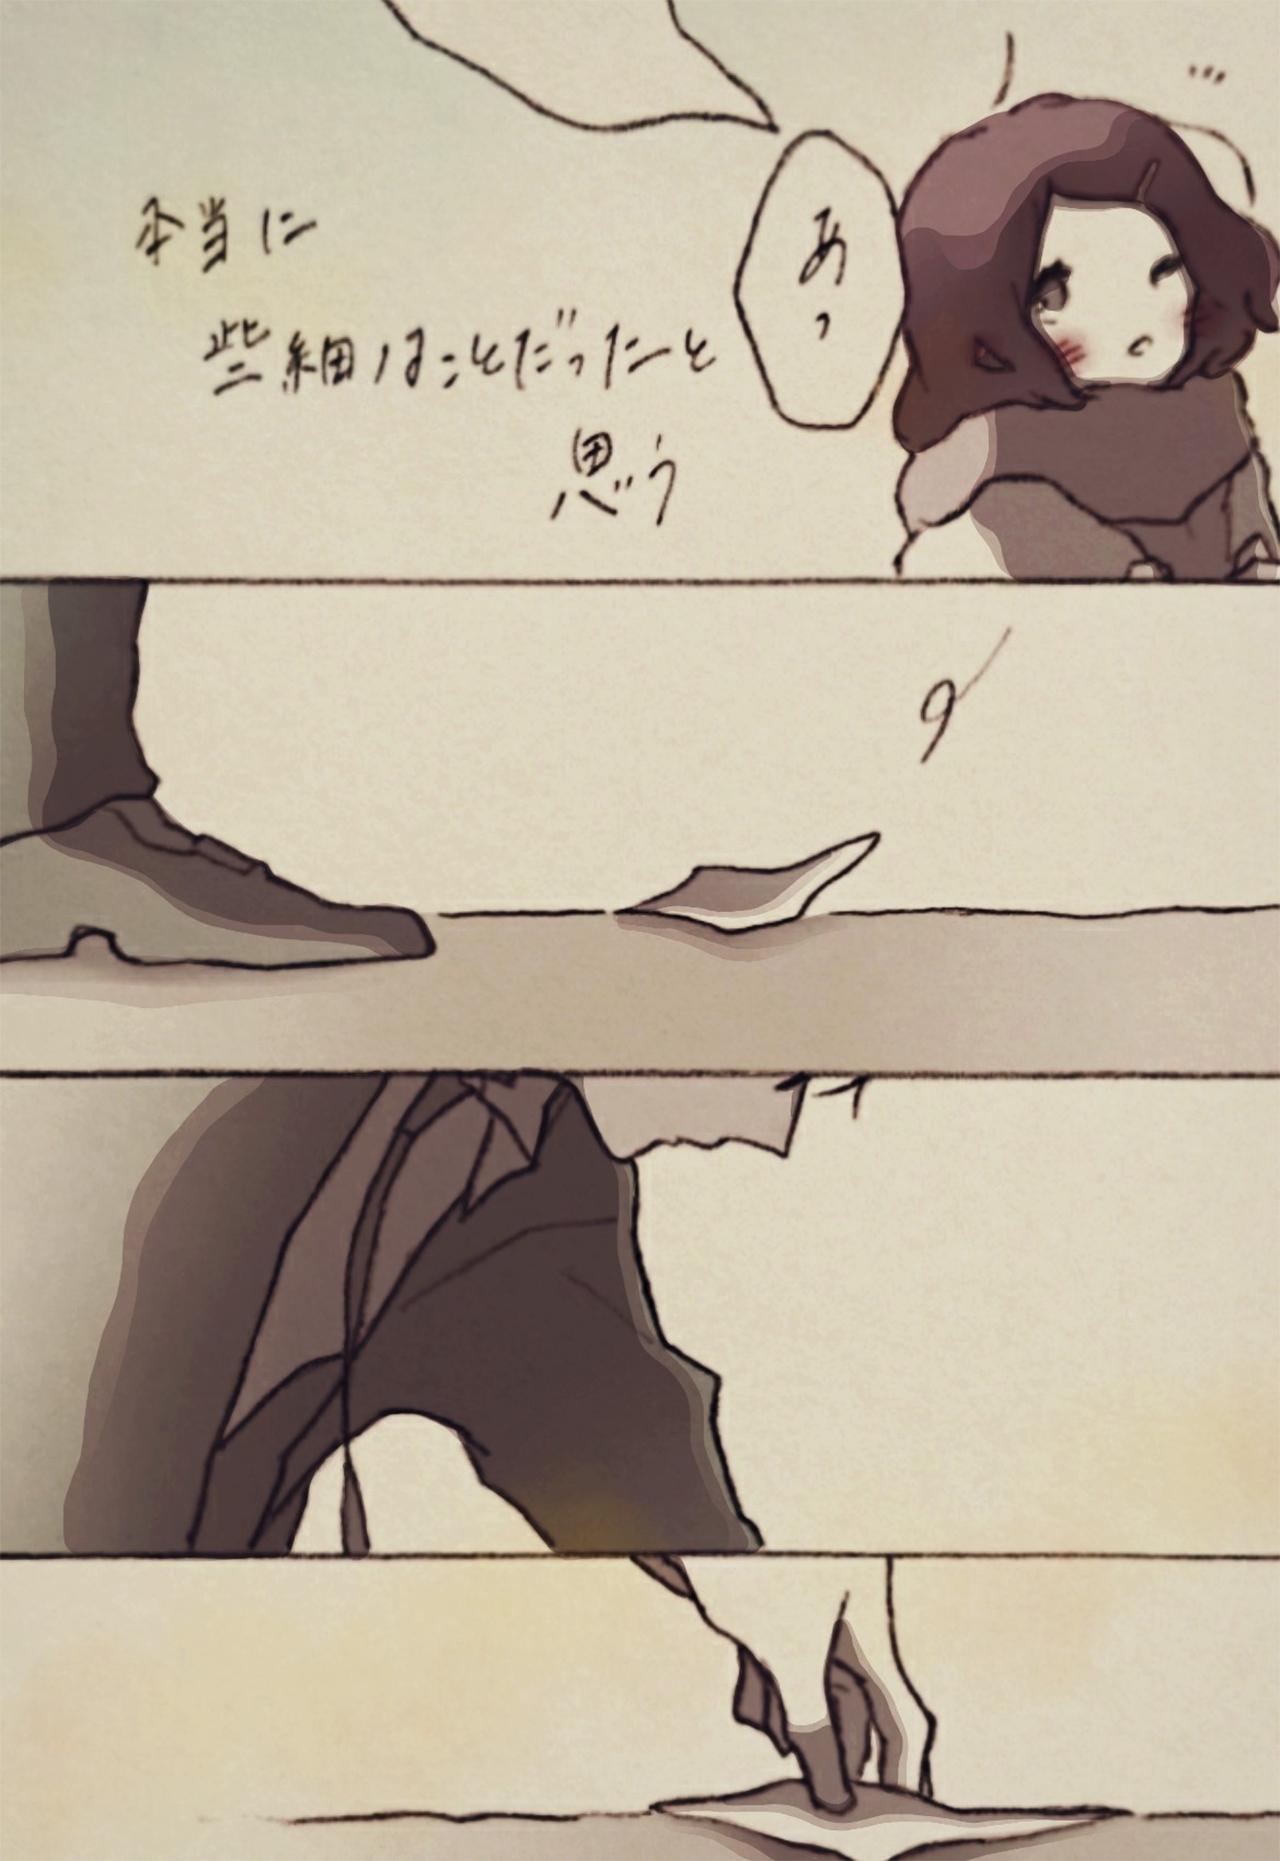 【猫とろ】さんマンガ新連載~第1話(2/4)~ 『先生と生徒』